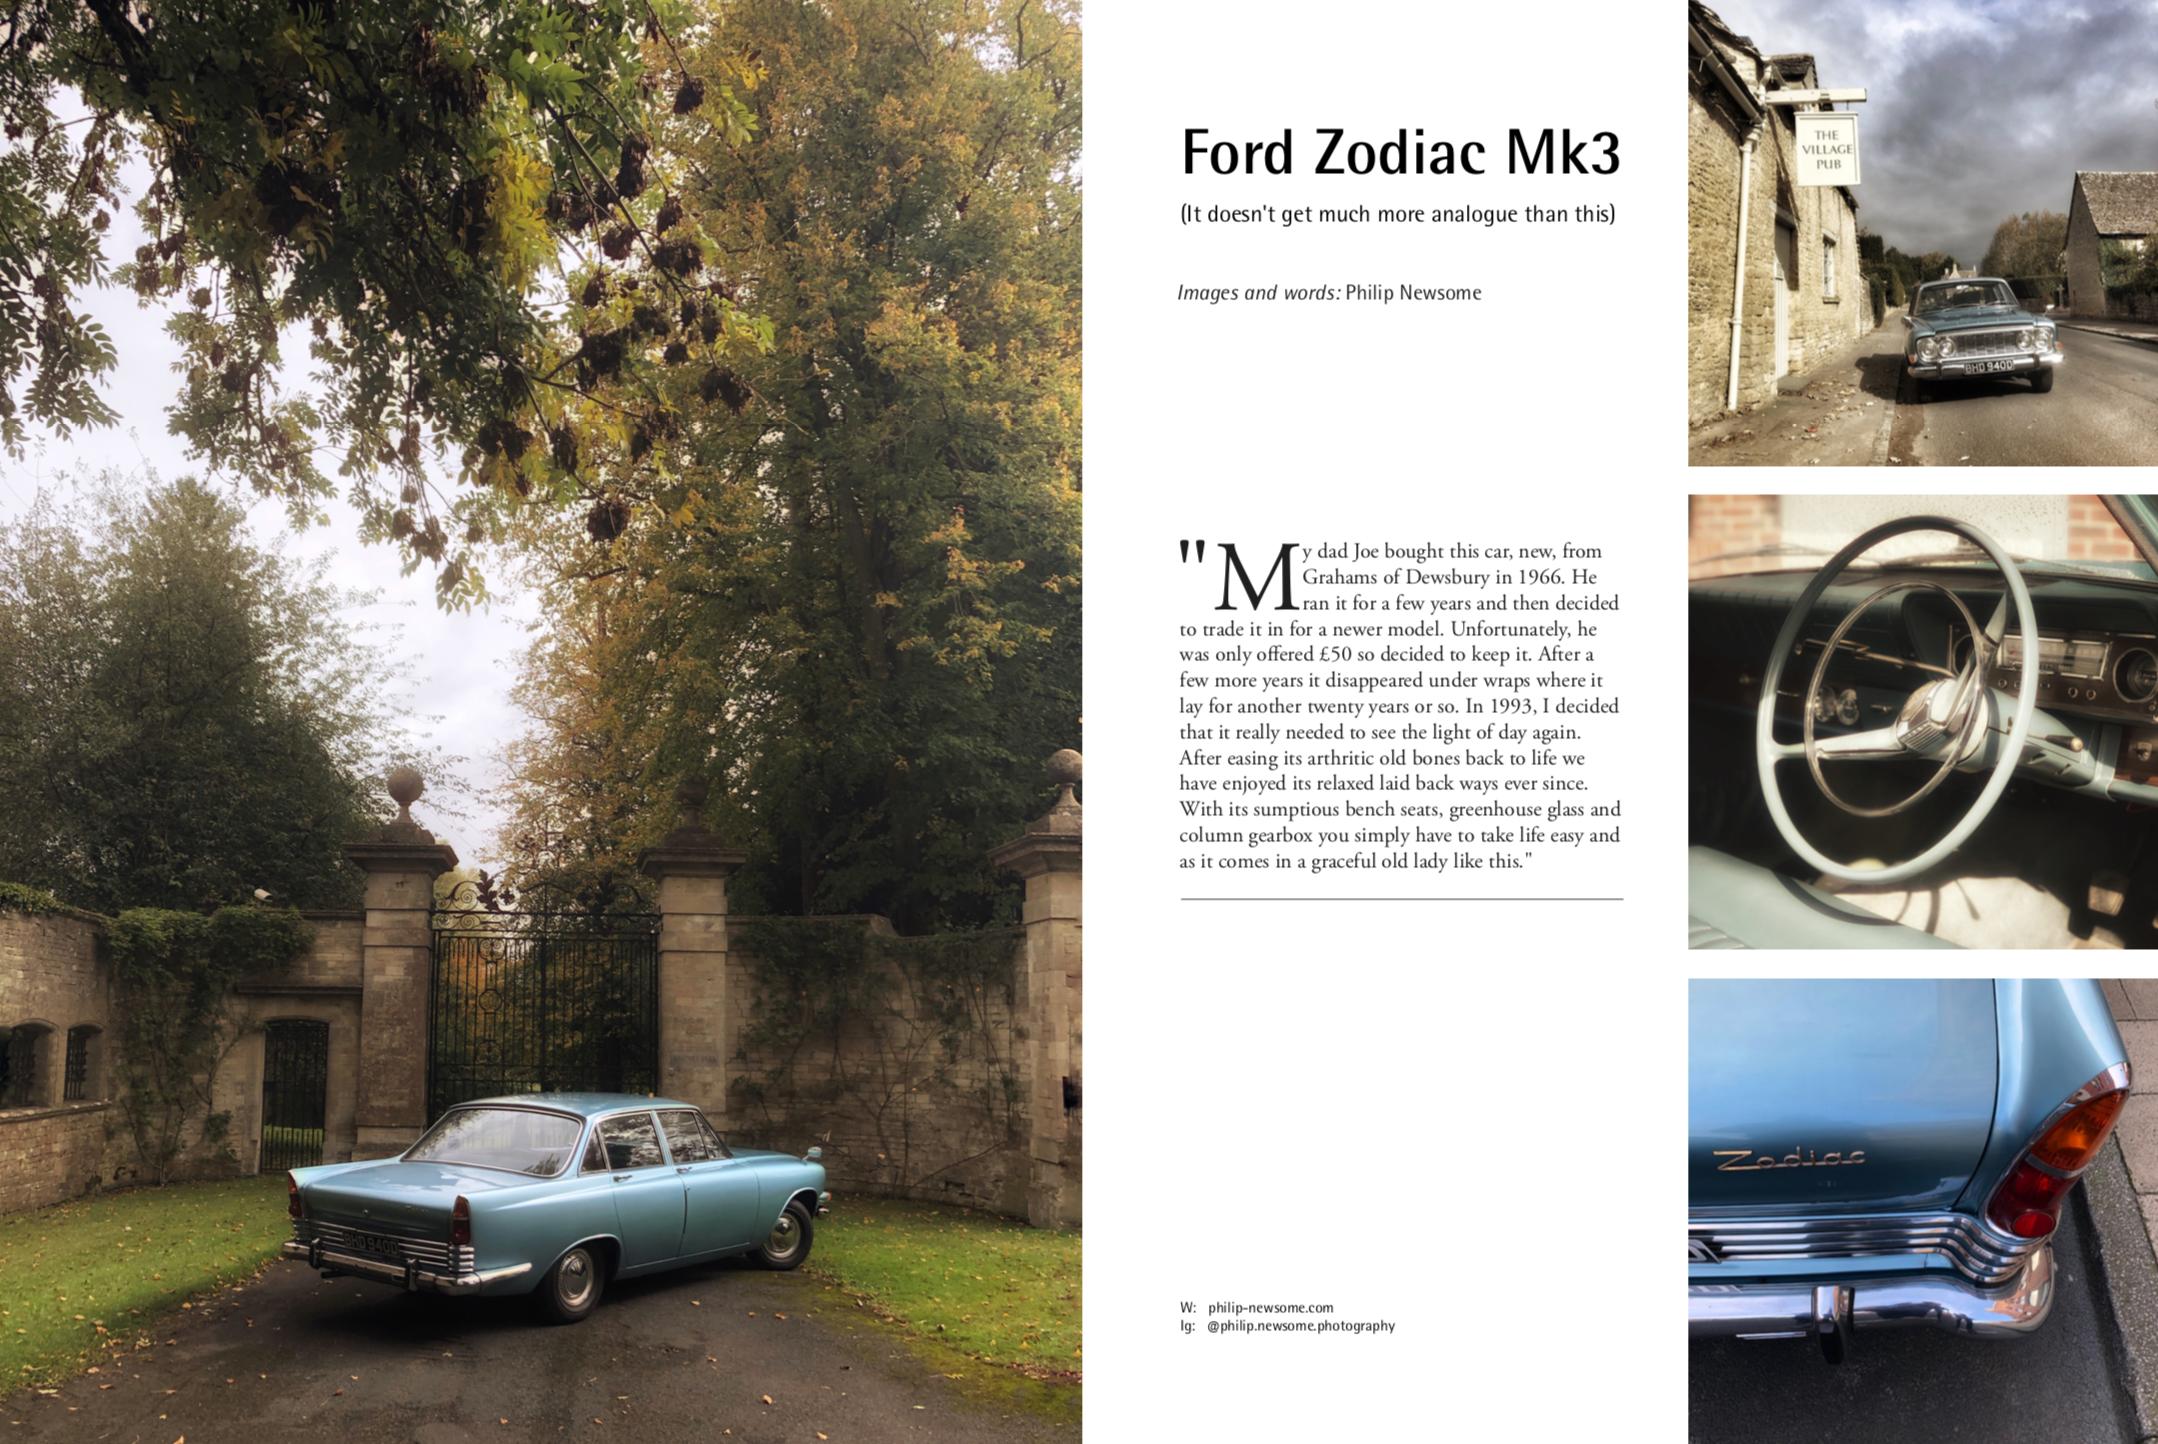 Ford Zodiac Mk 3